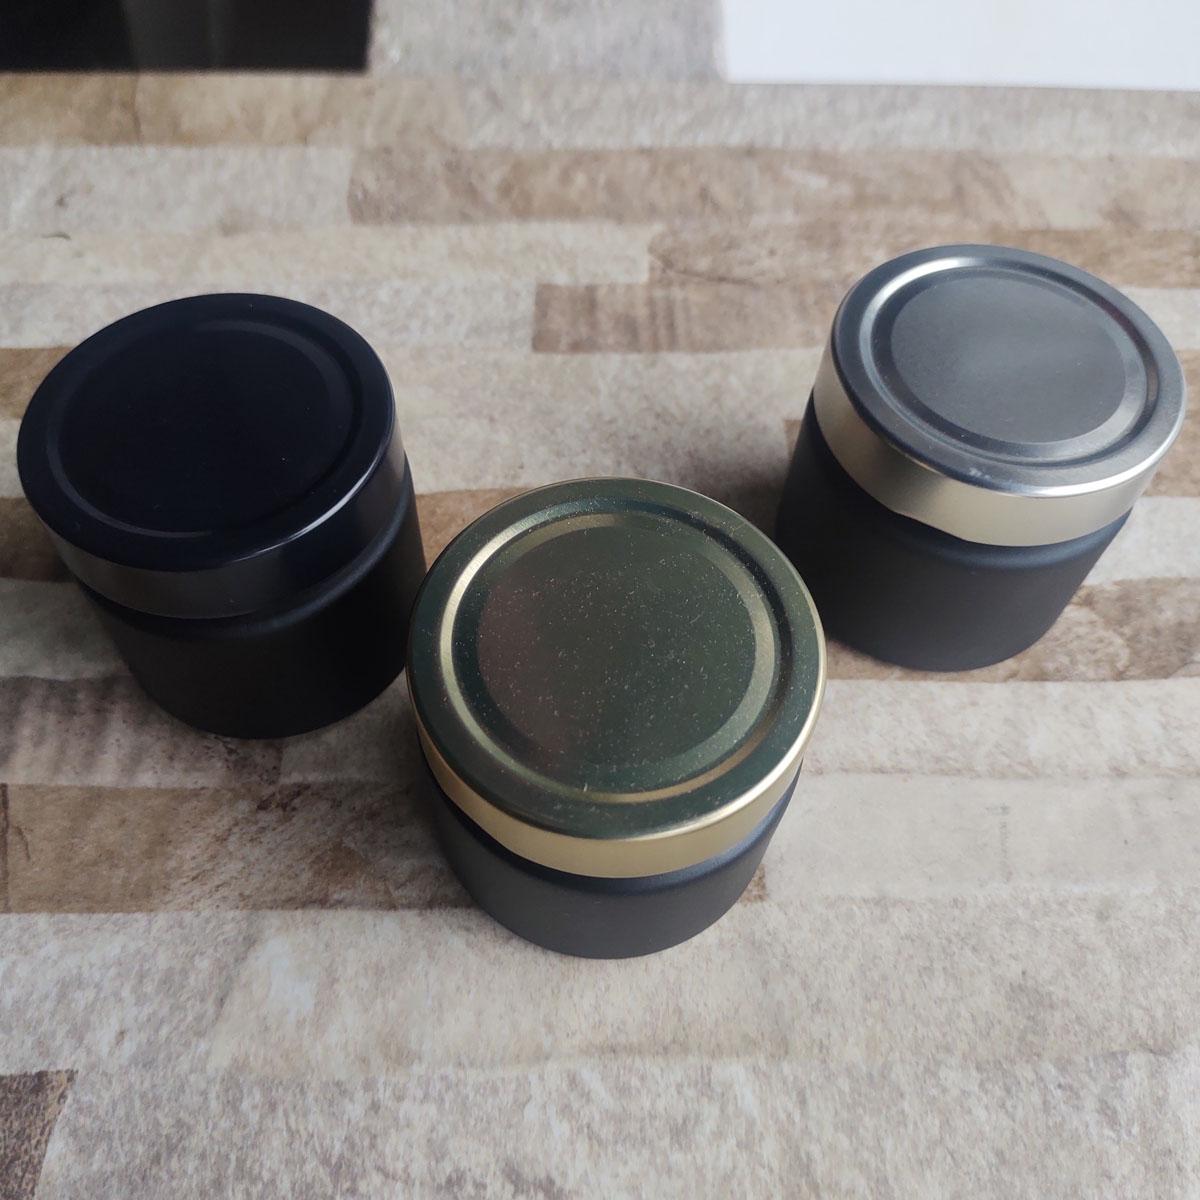 Pote de Vidro La Pianezza 210 ml C/ Tampa Jateado Preto - cx 10 uni.